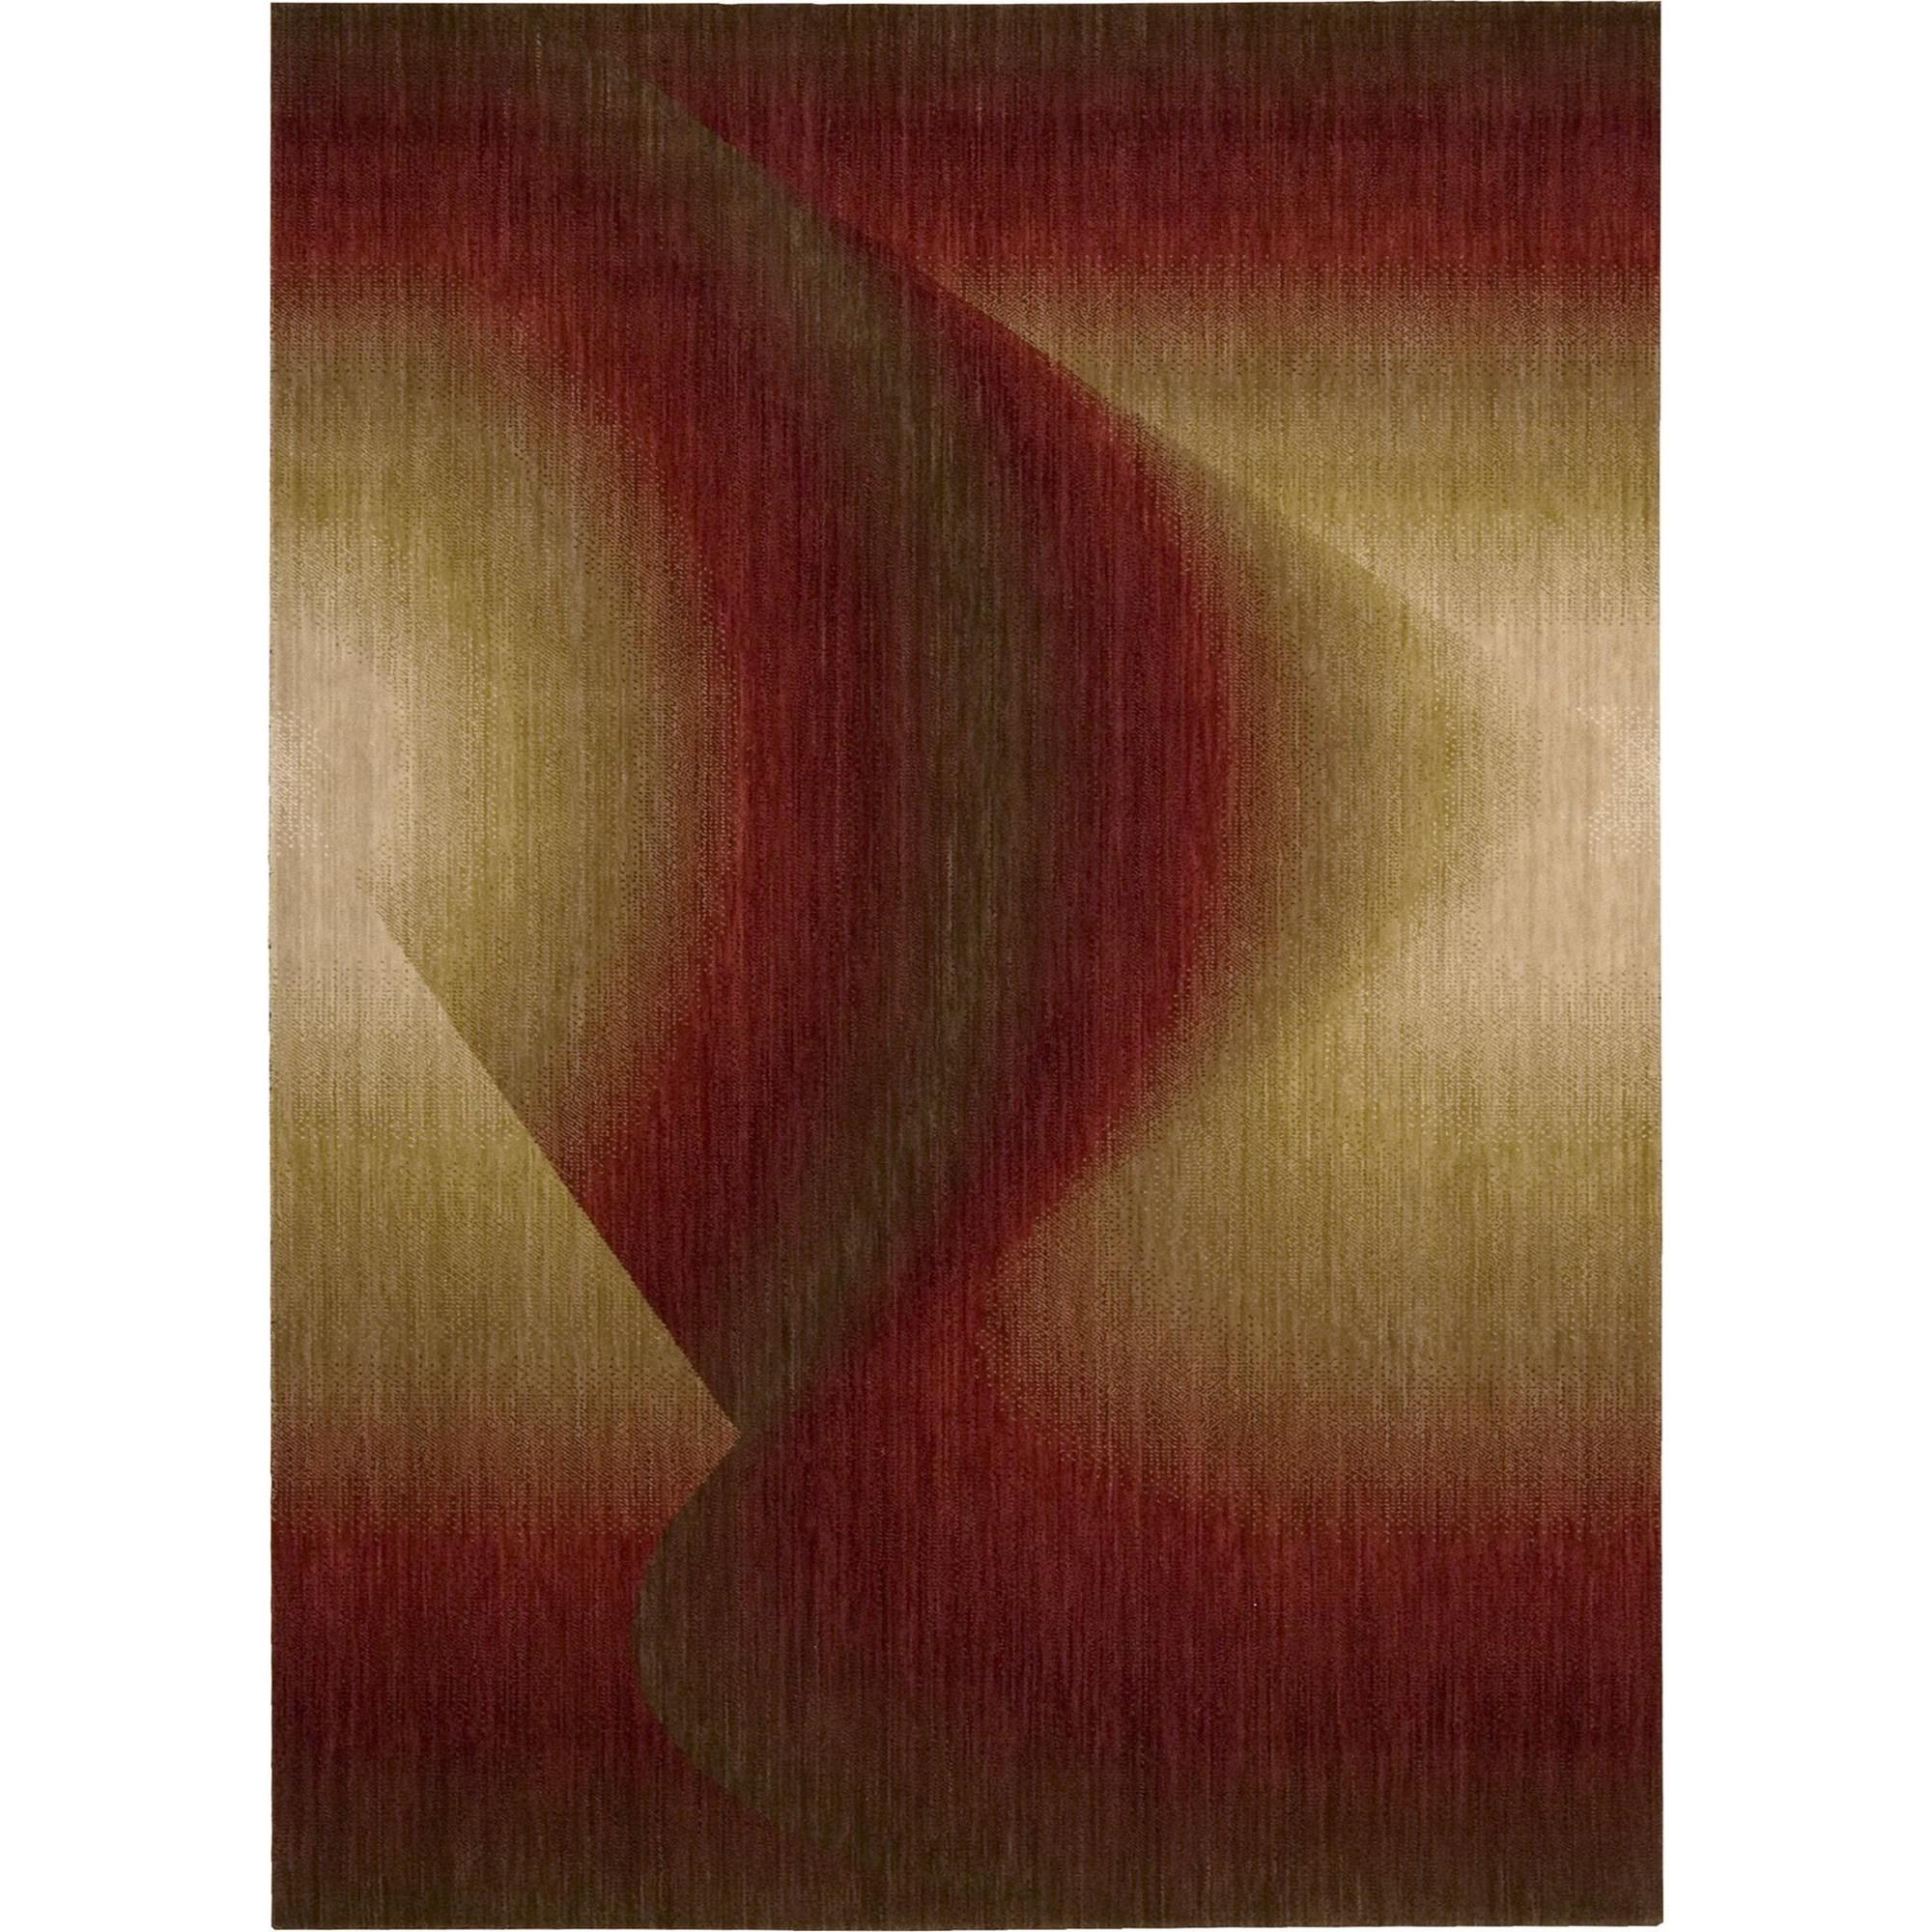 """Nourison Radiant Arts 5'3"""" x 7'5"""" Ruby Area Rug - Item Number: 39675"""